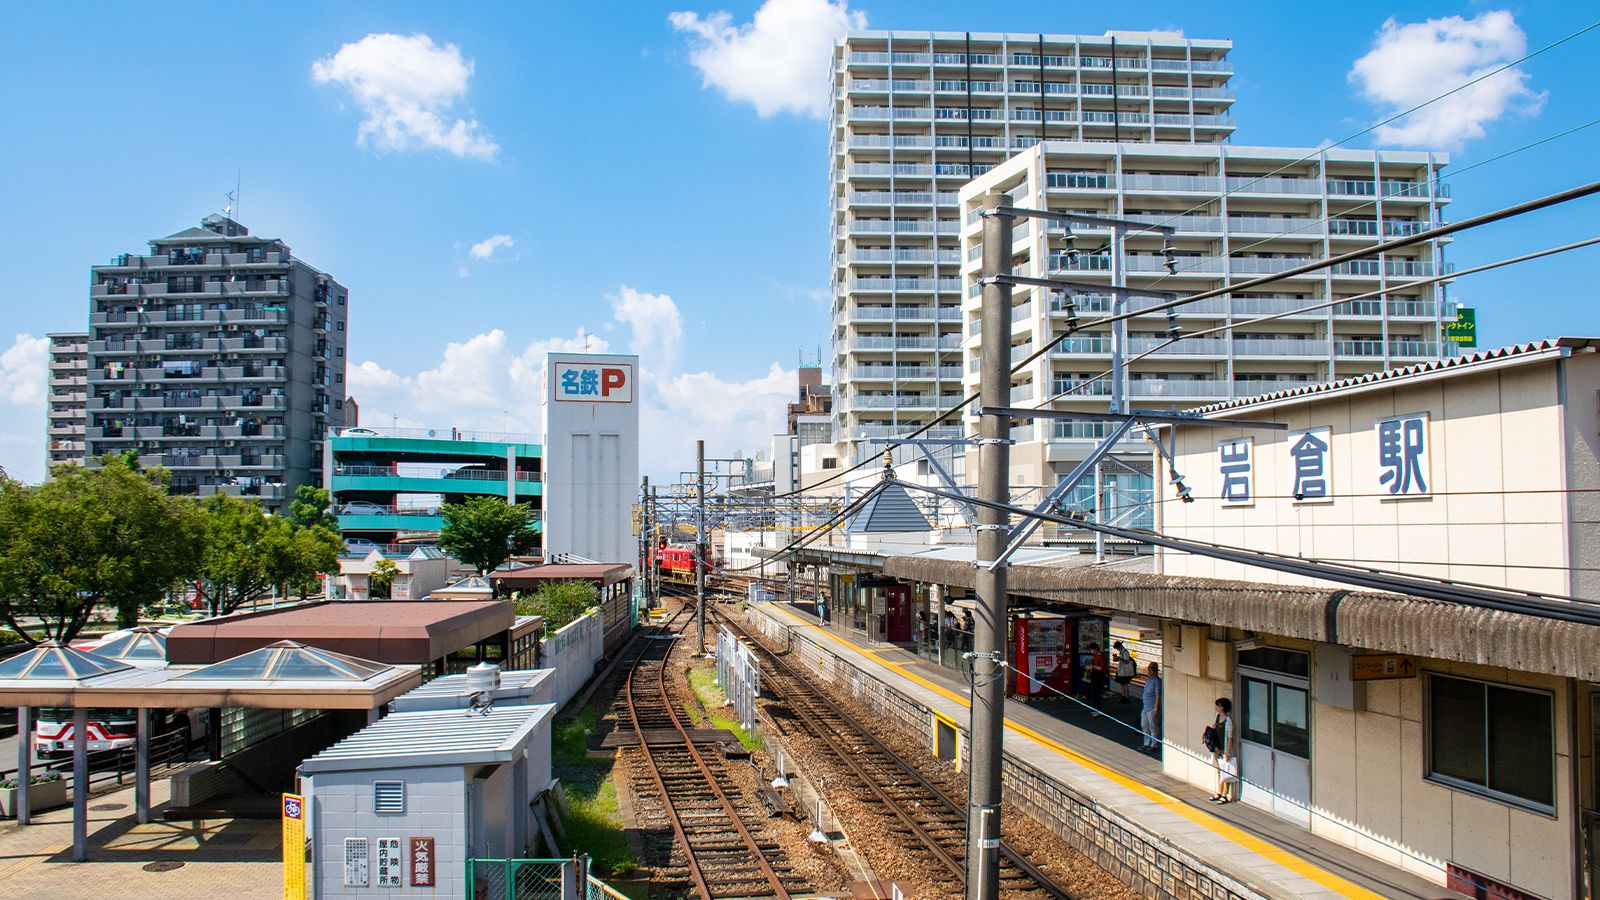 岩倉駅周辺の住みやすさを紹介!住みたい街の駅をさがす【住む街なび】